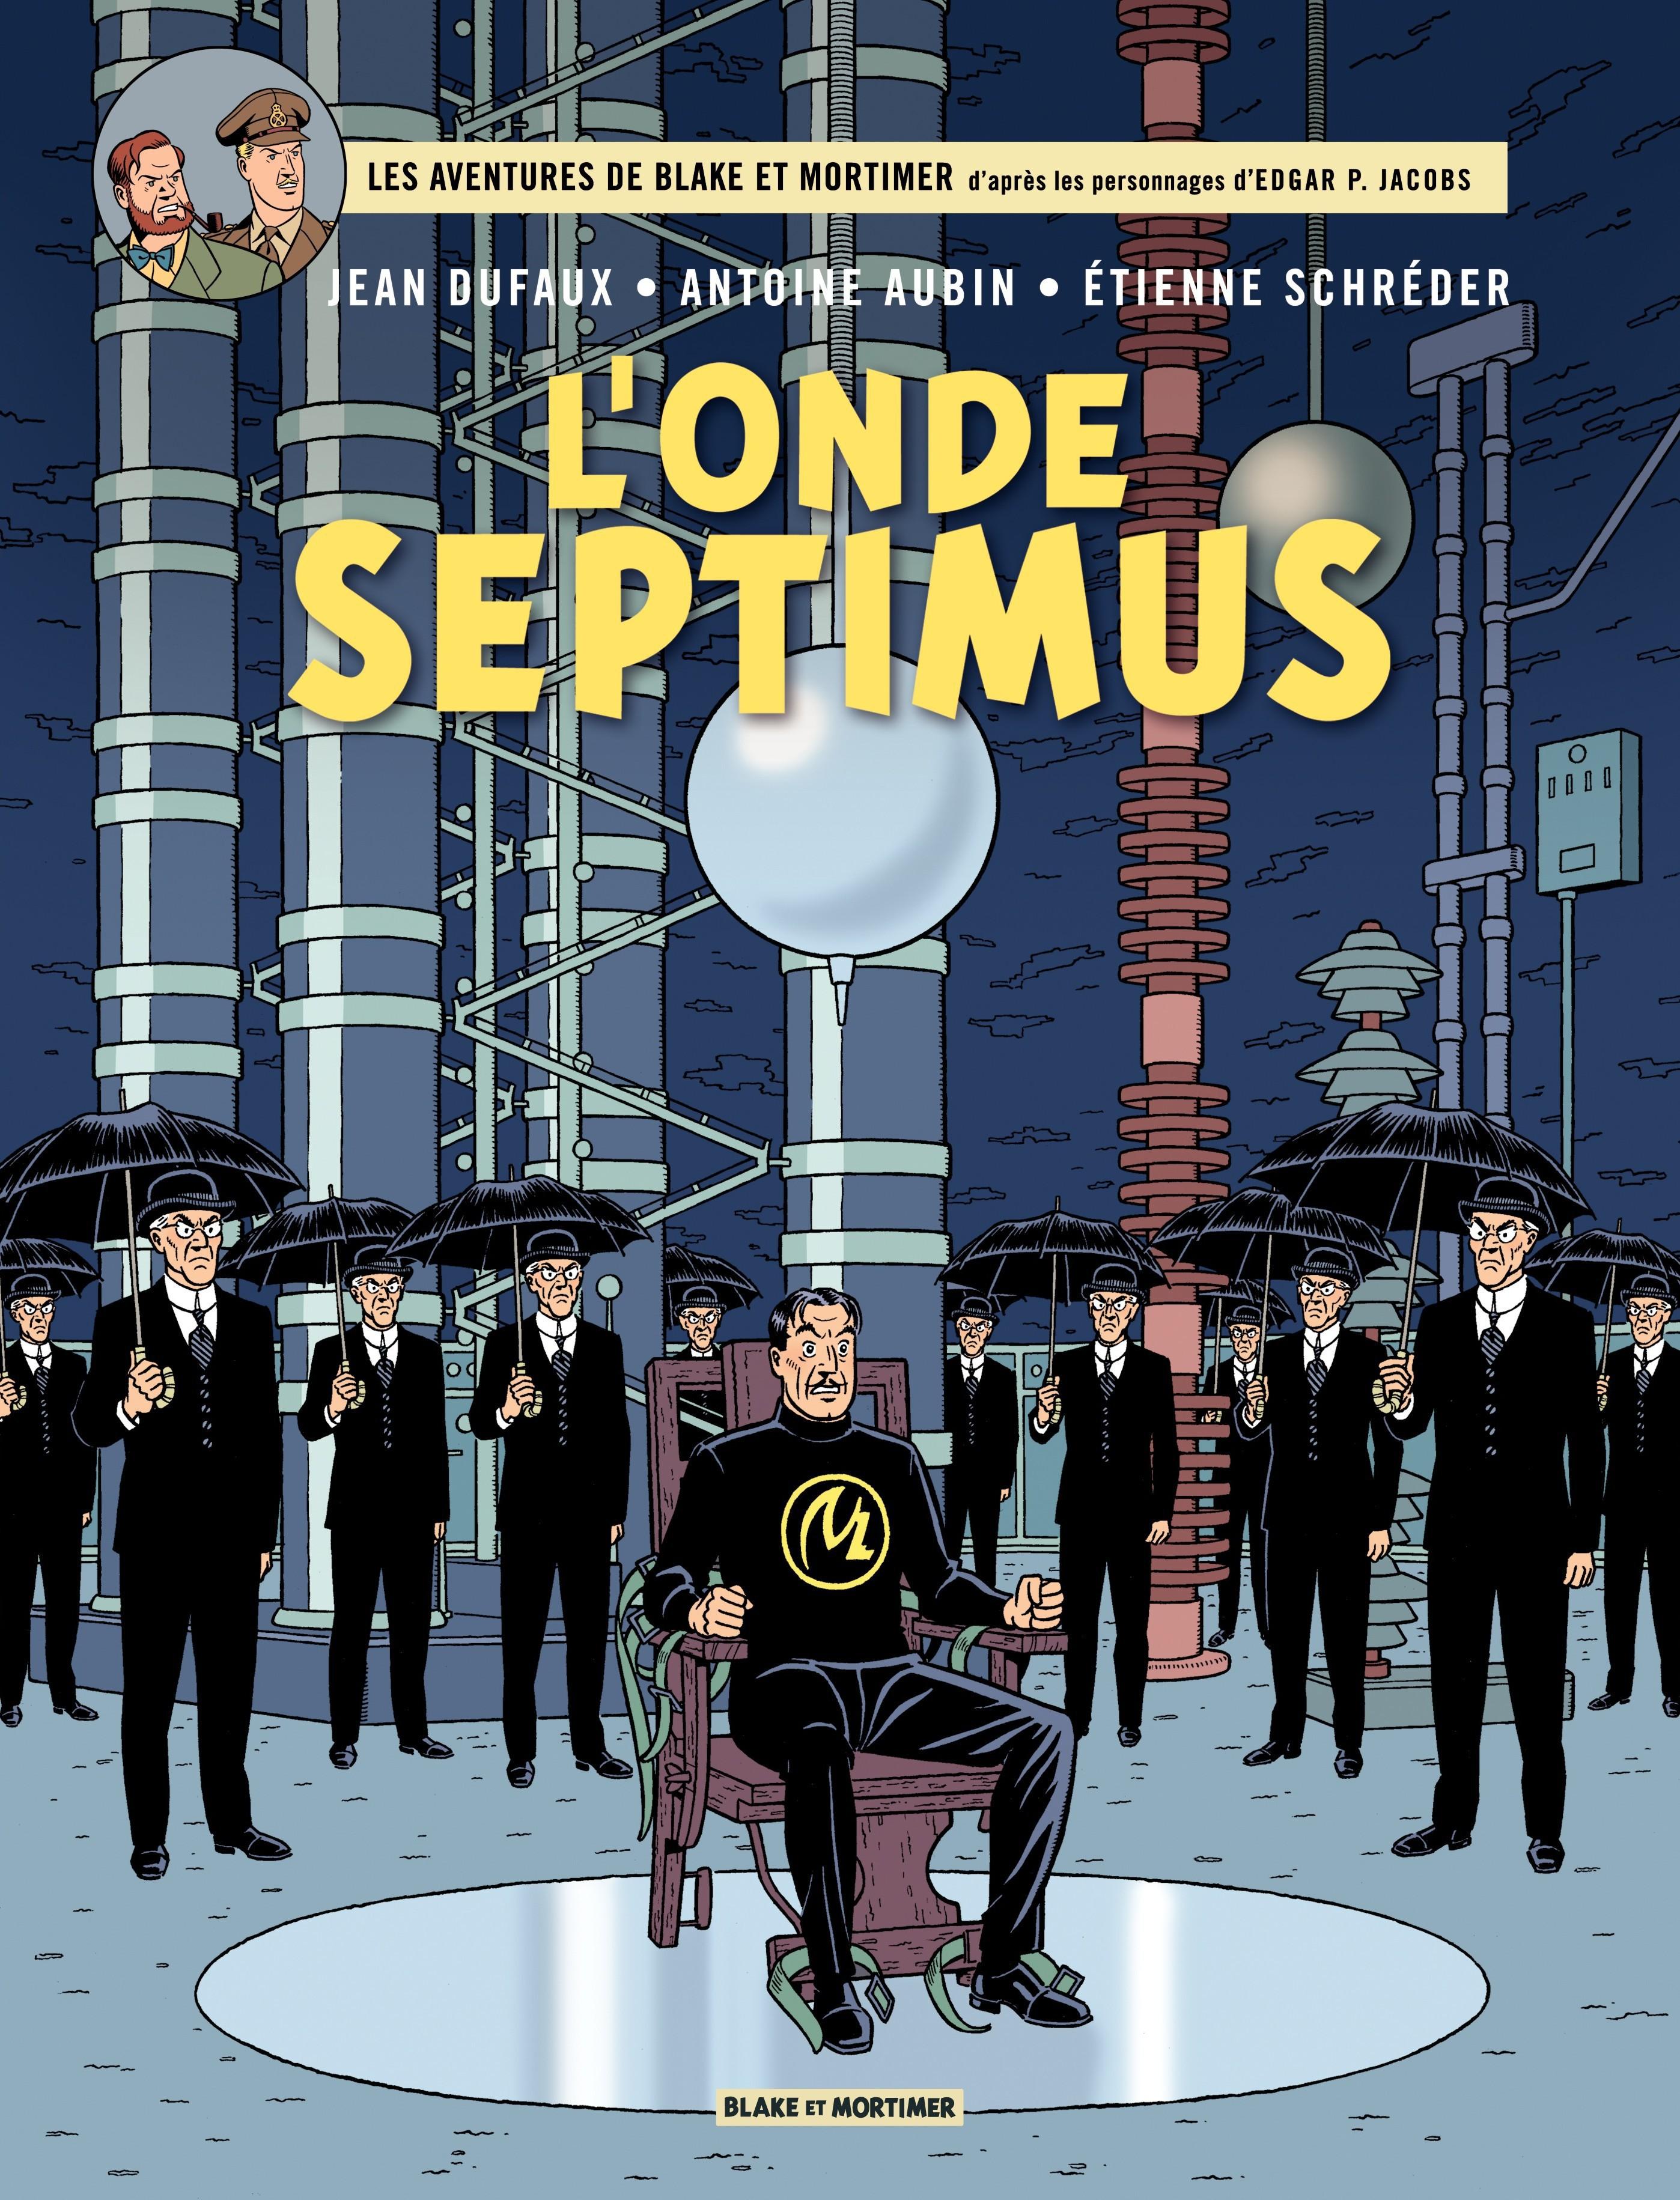 Blake et Mortimer - Tome 22 – L'Onde Septimus